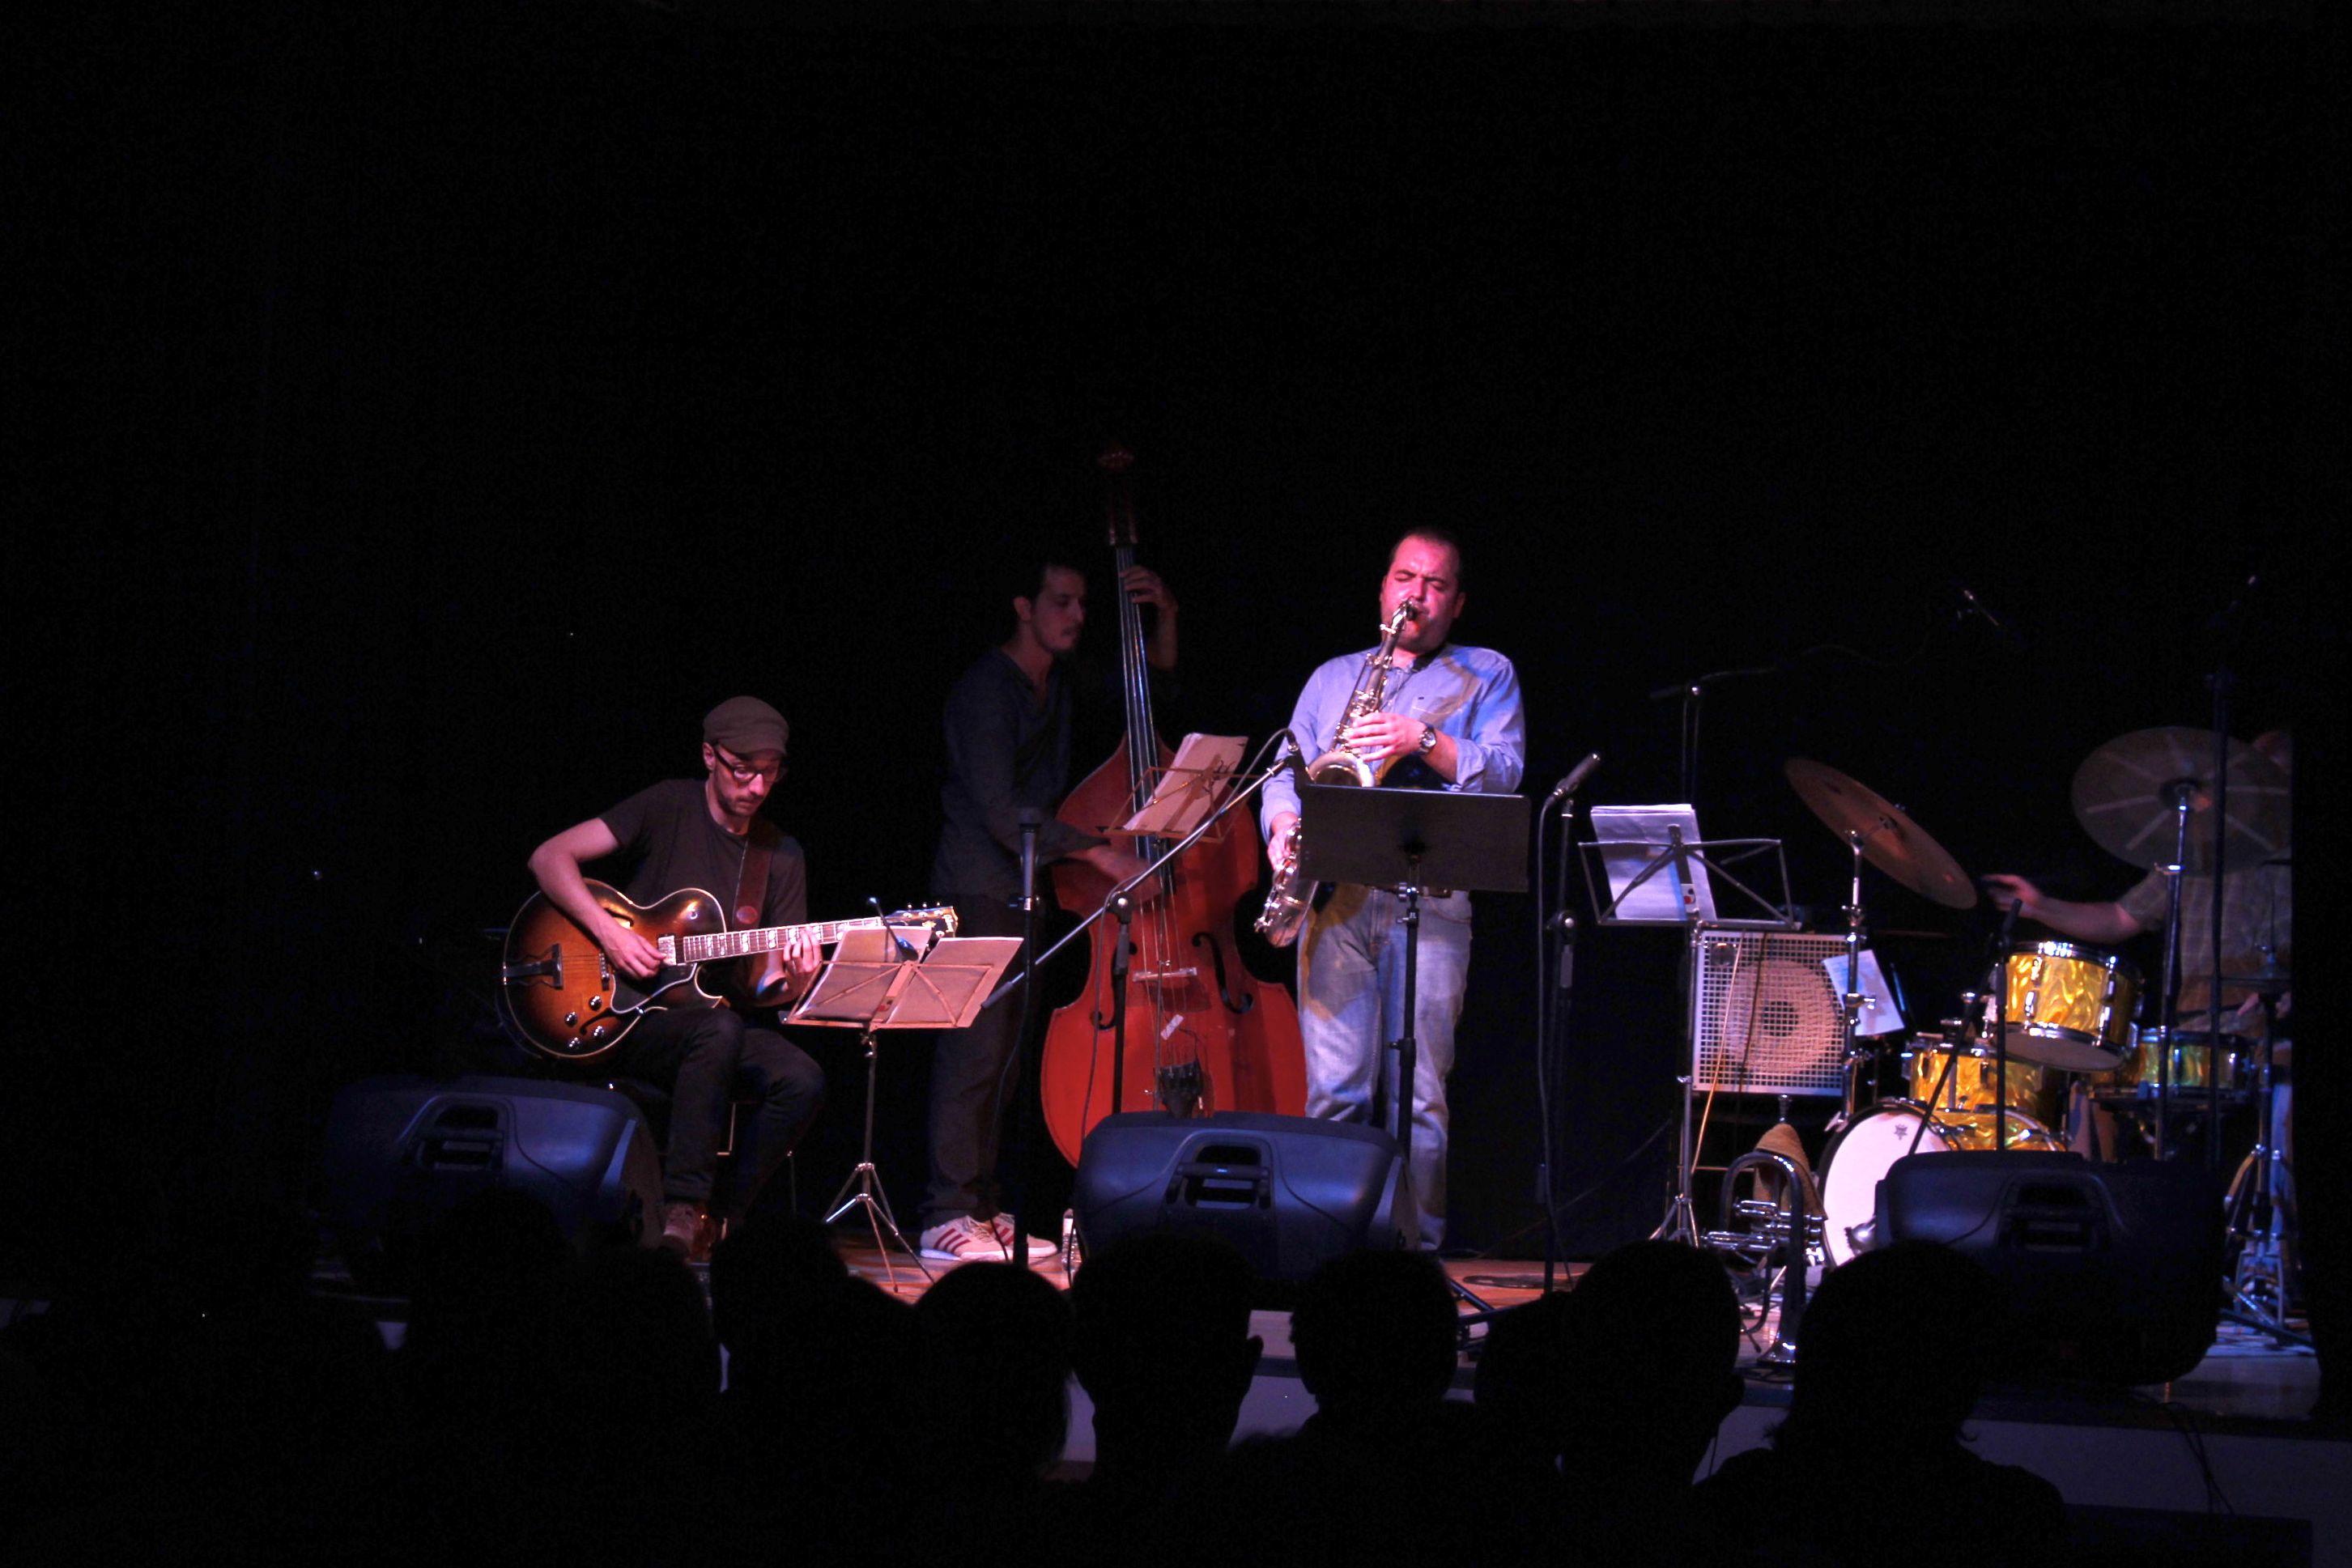 jazzfestival_2013_fernando_sanchez_quintento_fundacion_cerezales5